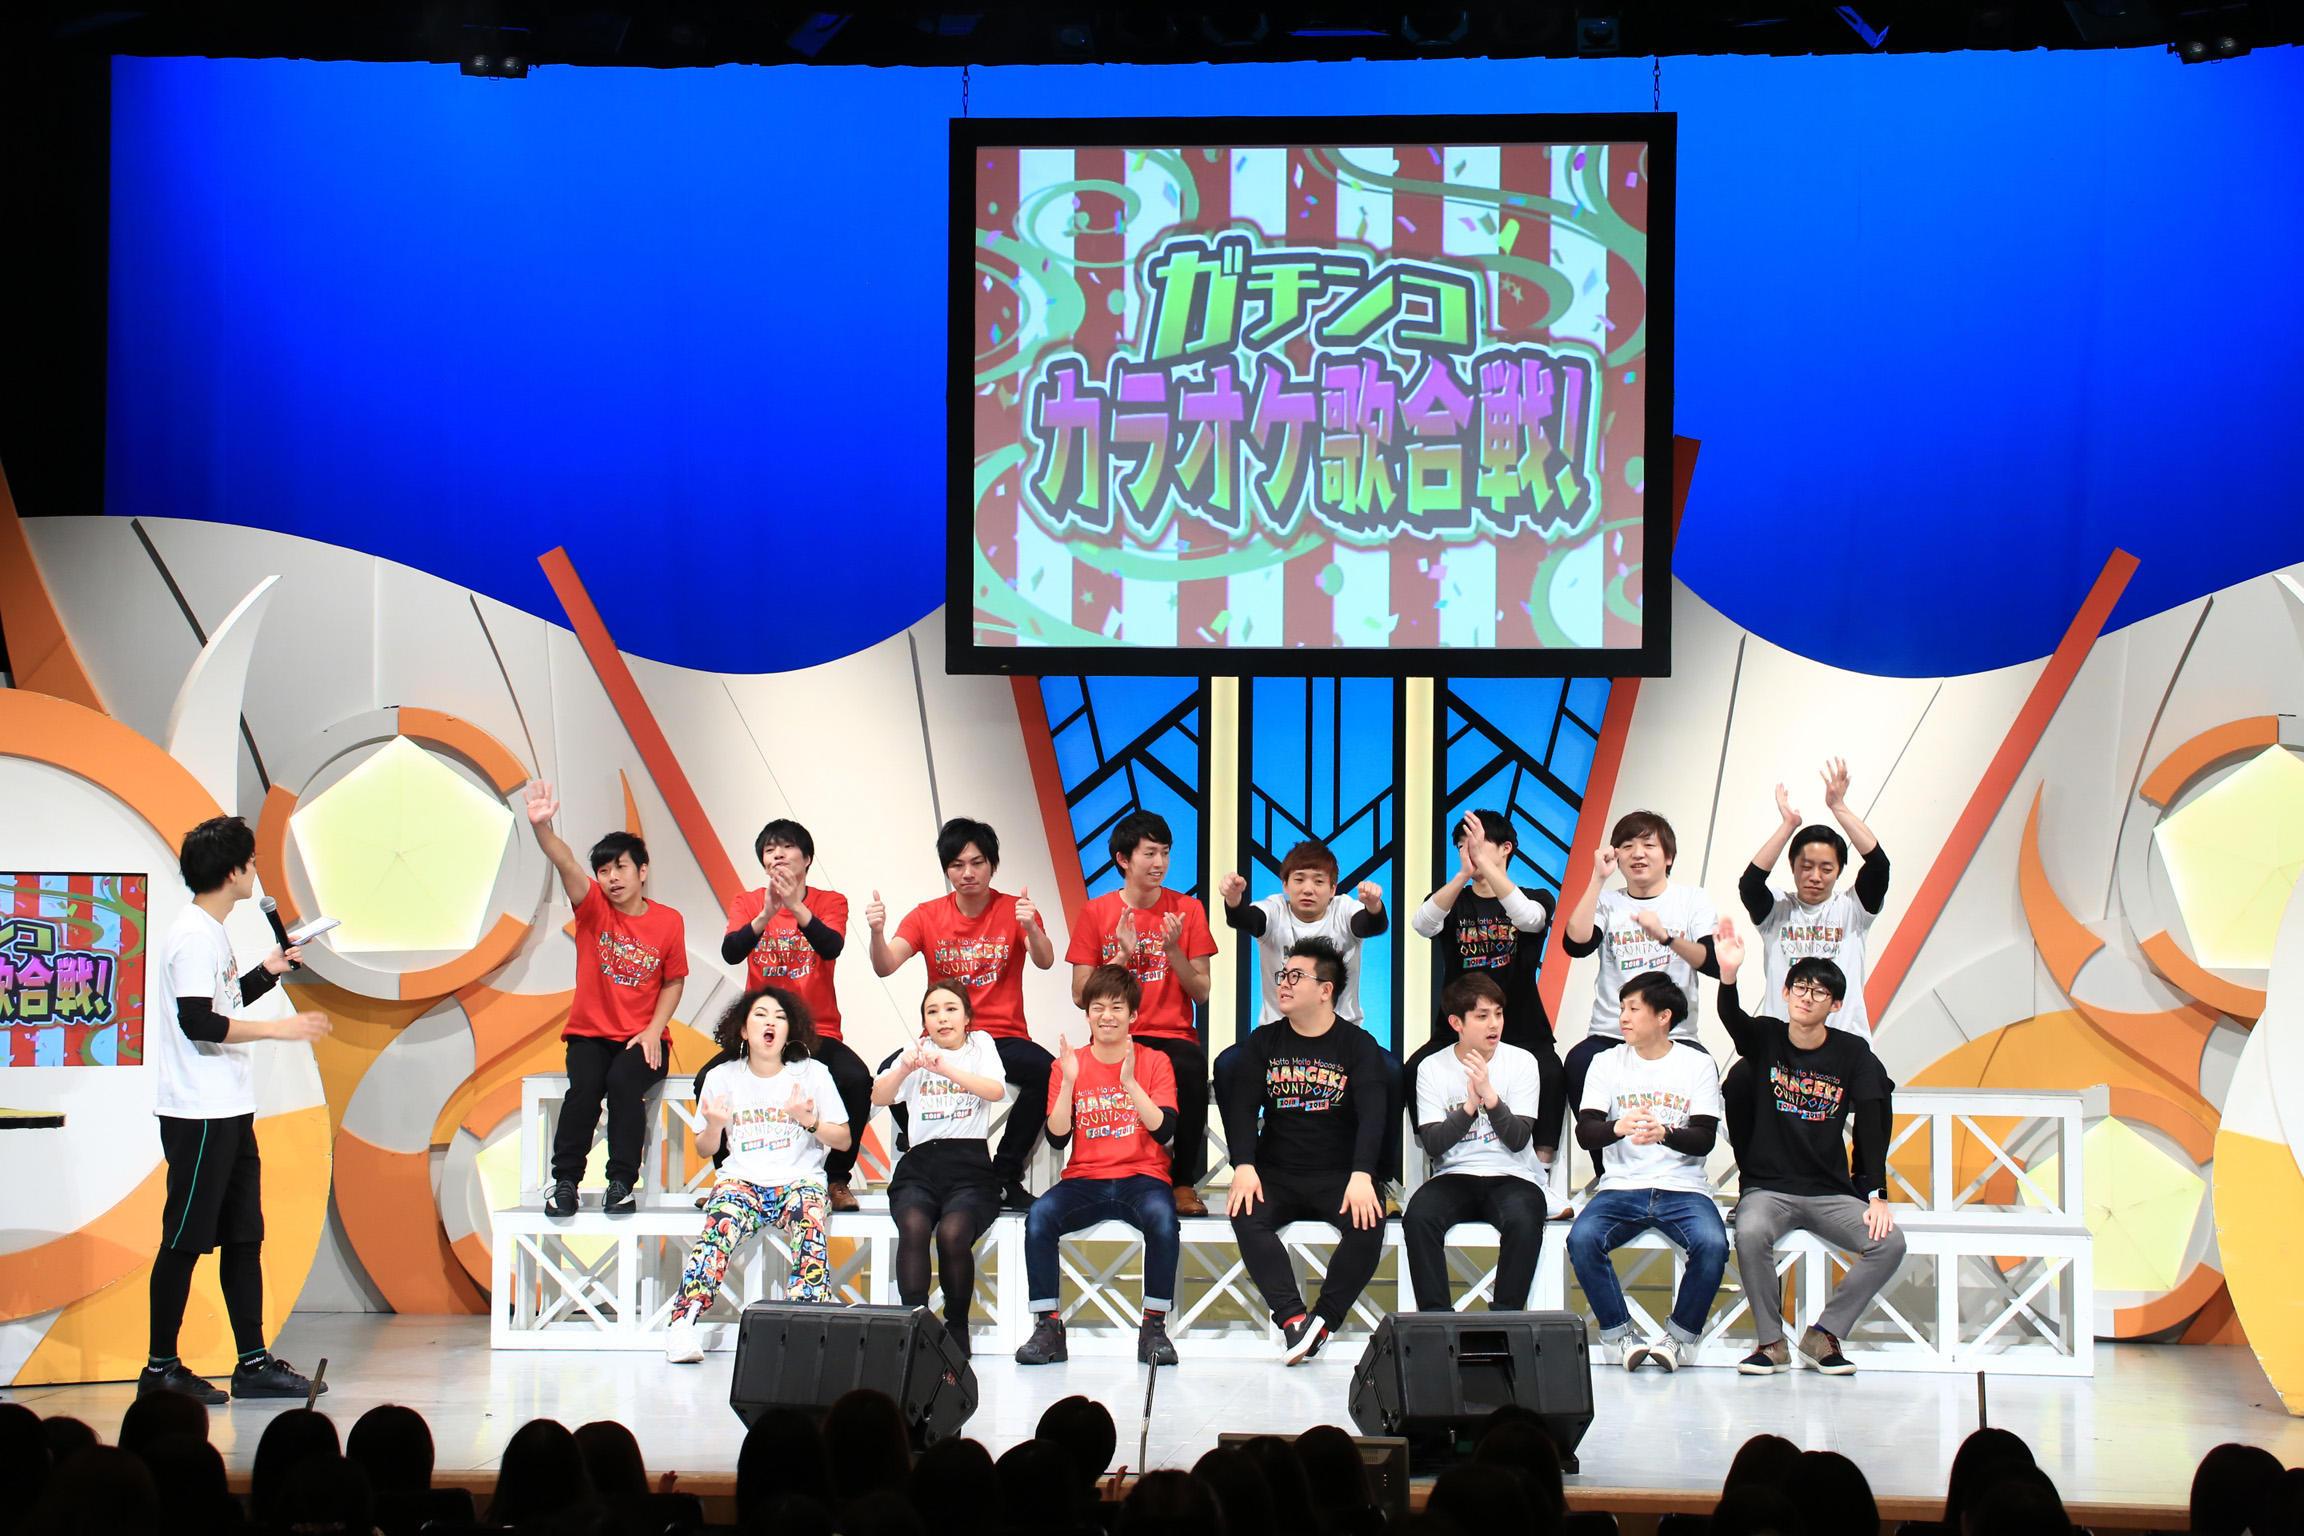 http://news.yoshimoto.co.jp/20190101104749-ad4133c9881f9eab965a0c53dbe5f241f1e9ba1c.jpg